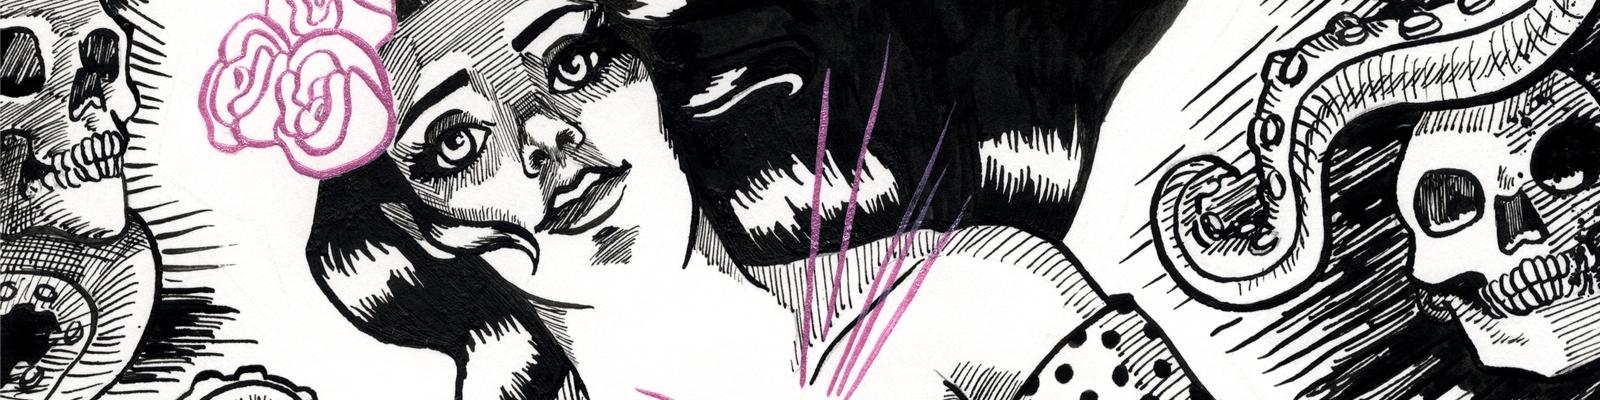 Melisa Des Rosiers (@inkedpawprints) Cover Image